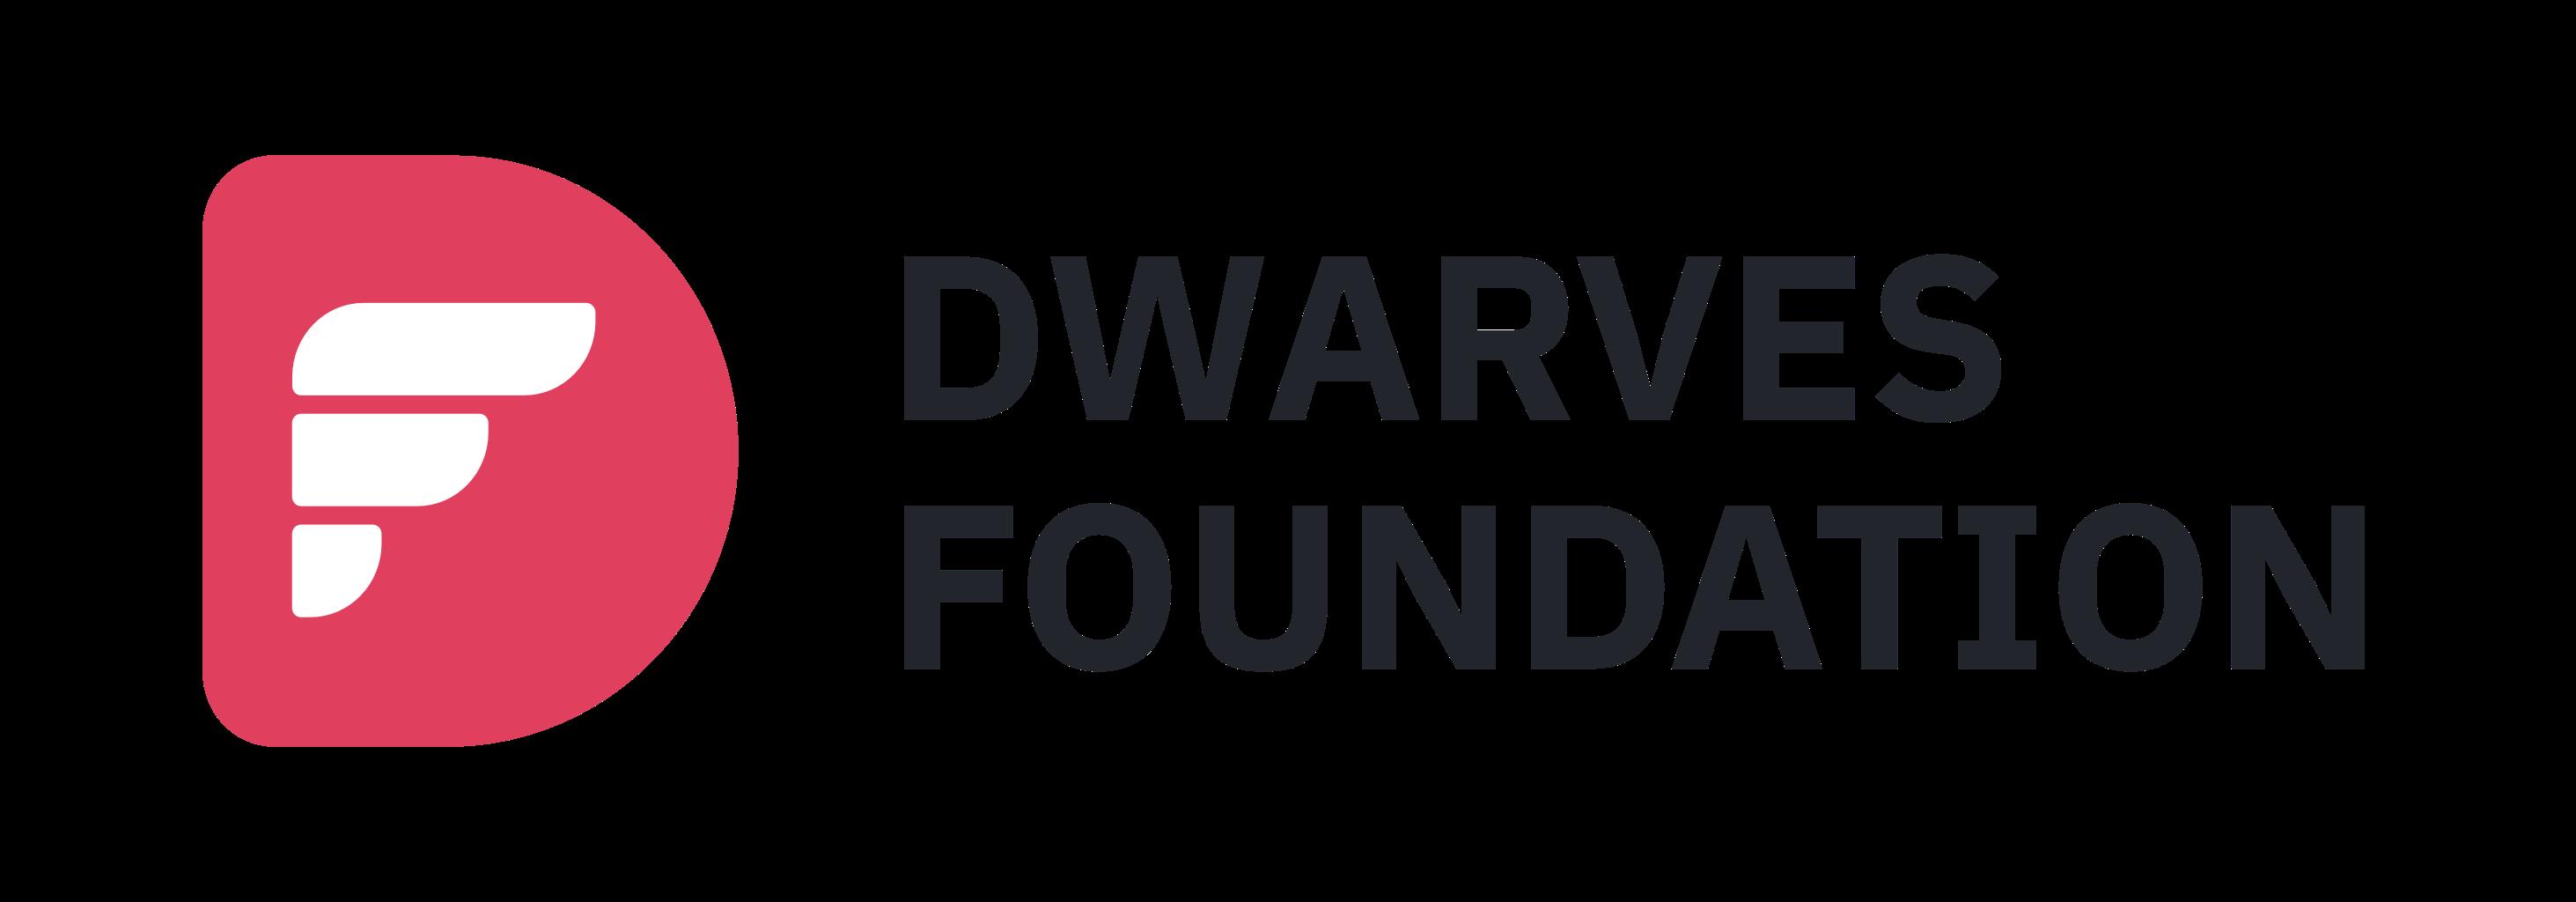 Dwarves Foundation